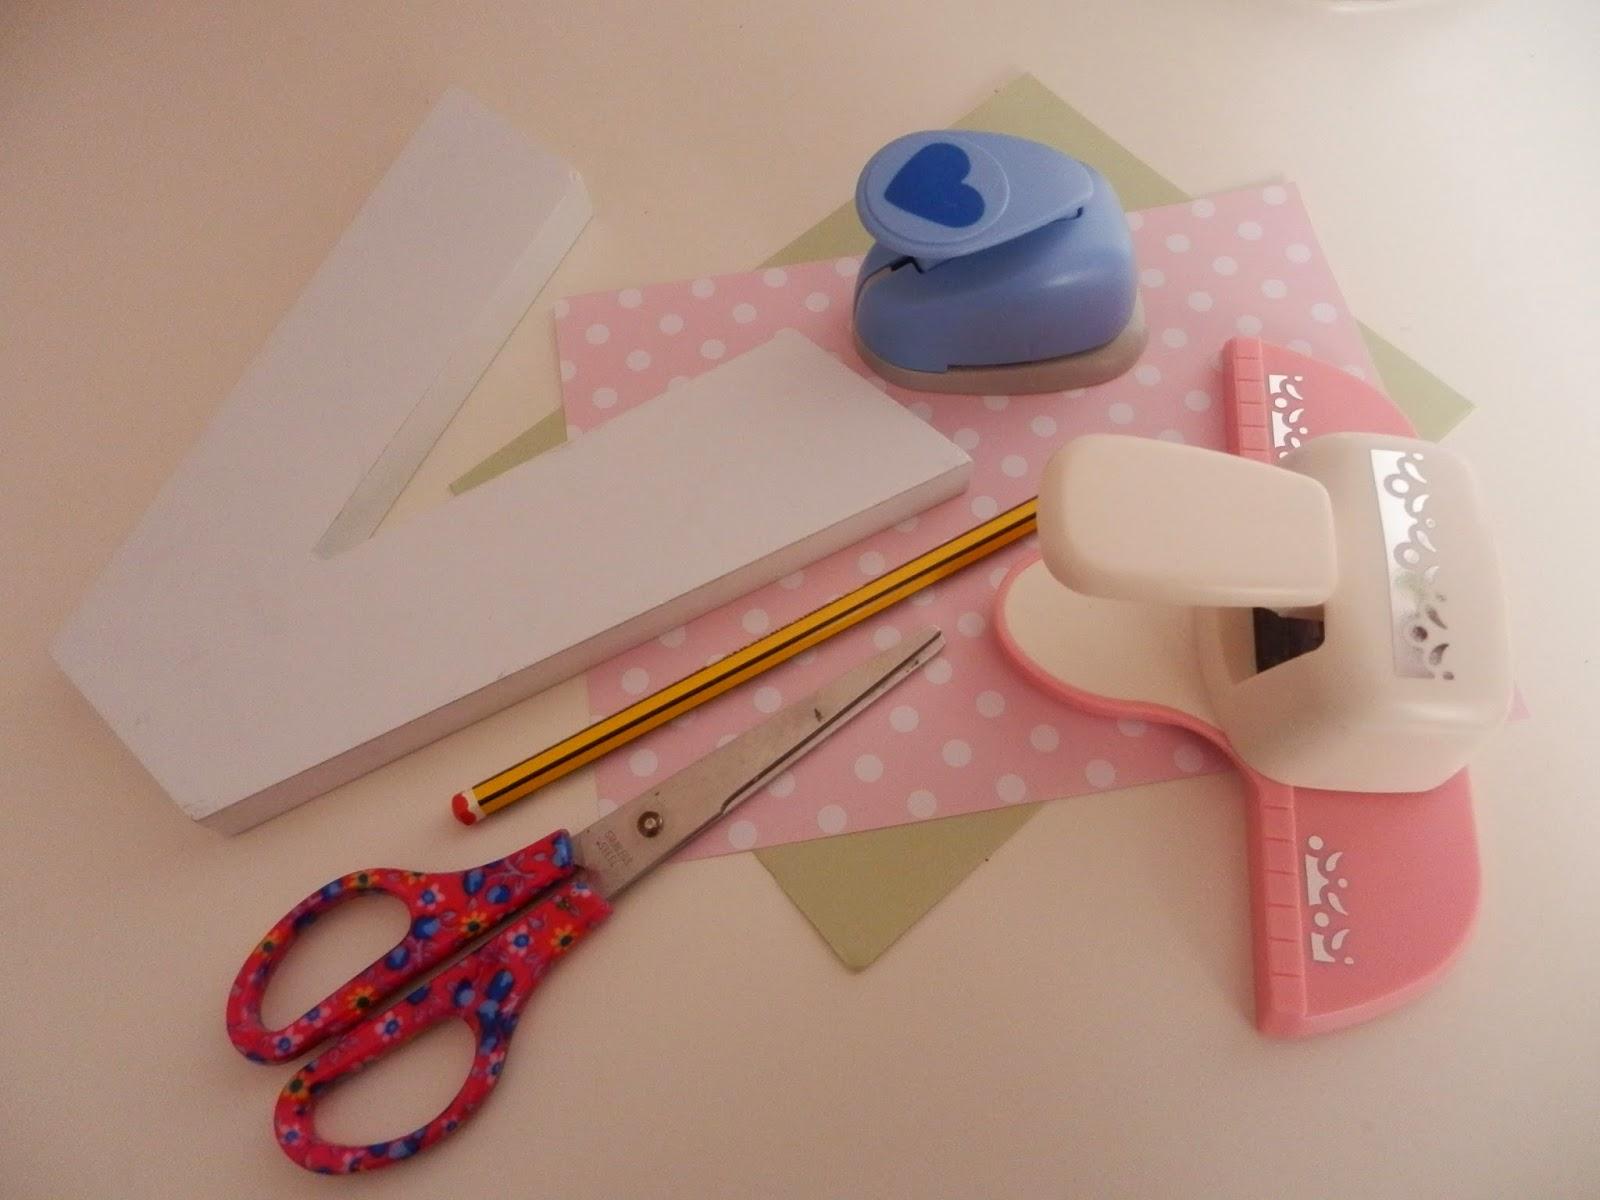 Decorar letras de madera aprender manualidades es - Letras de madera para decorar ...